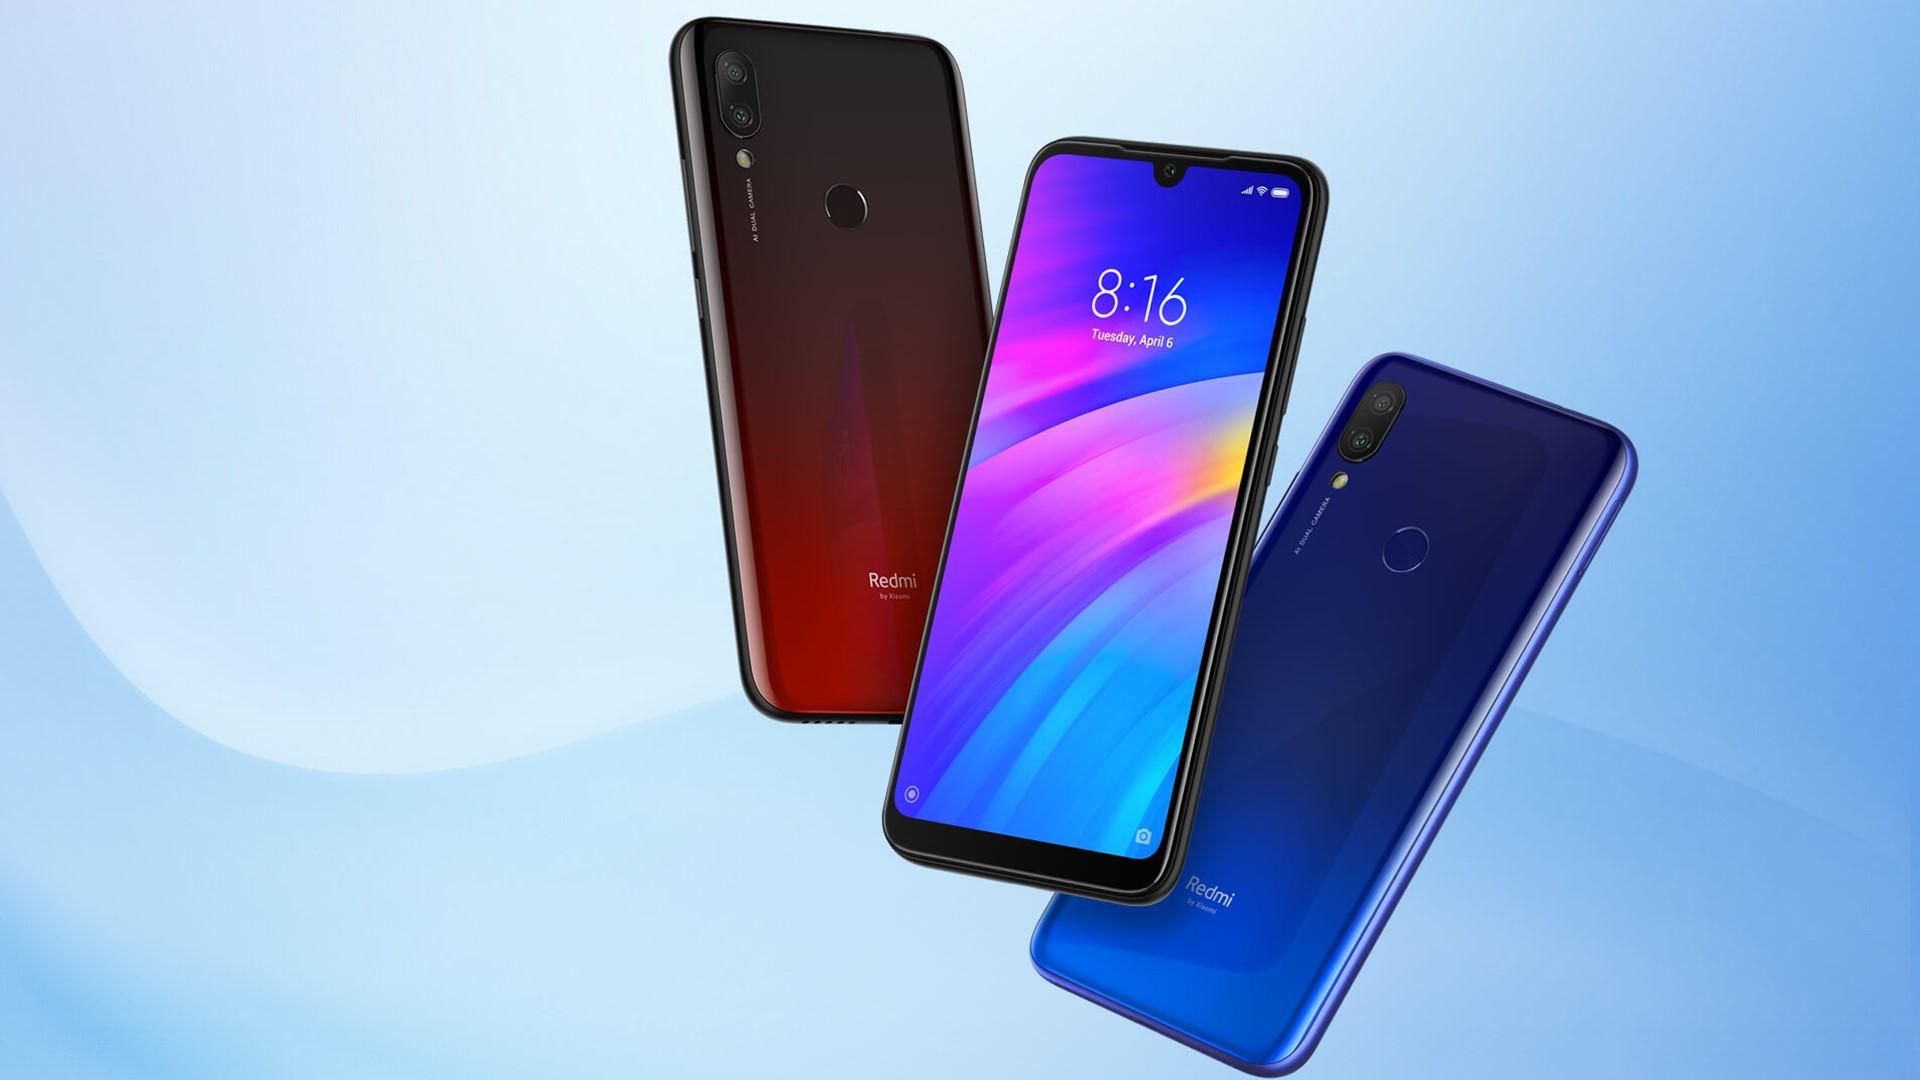 ▷ Los mejores teléfonos de menos de Rs 12,000 en India para agosto de 2019 5